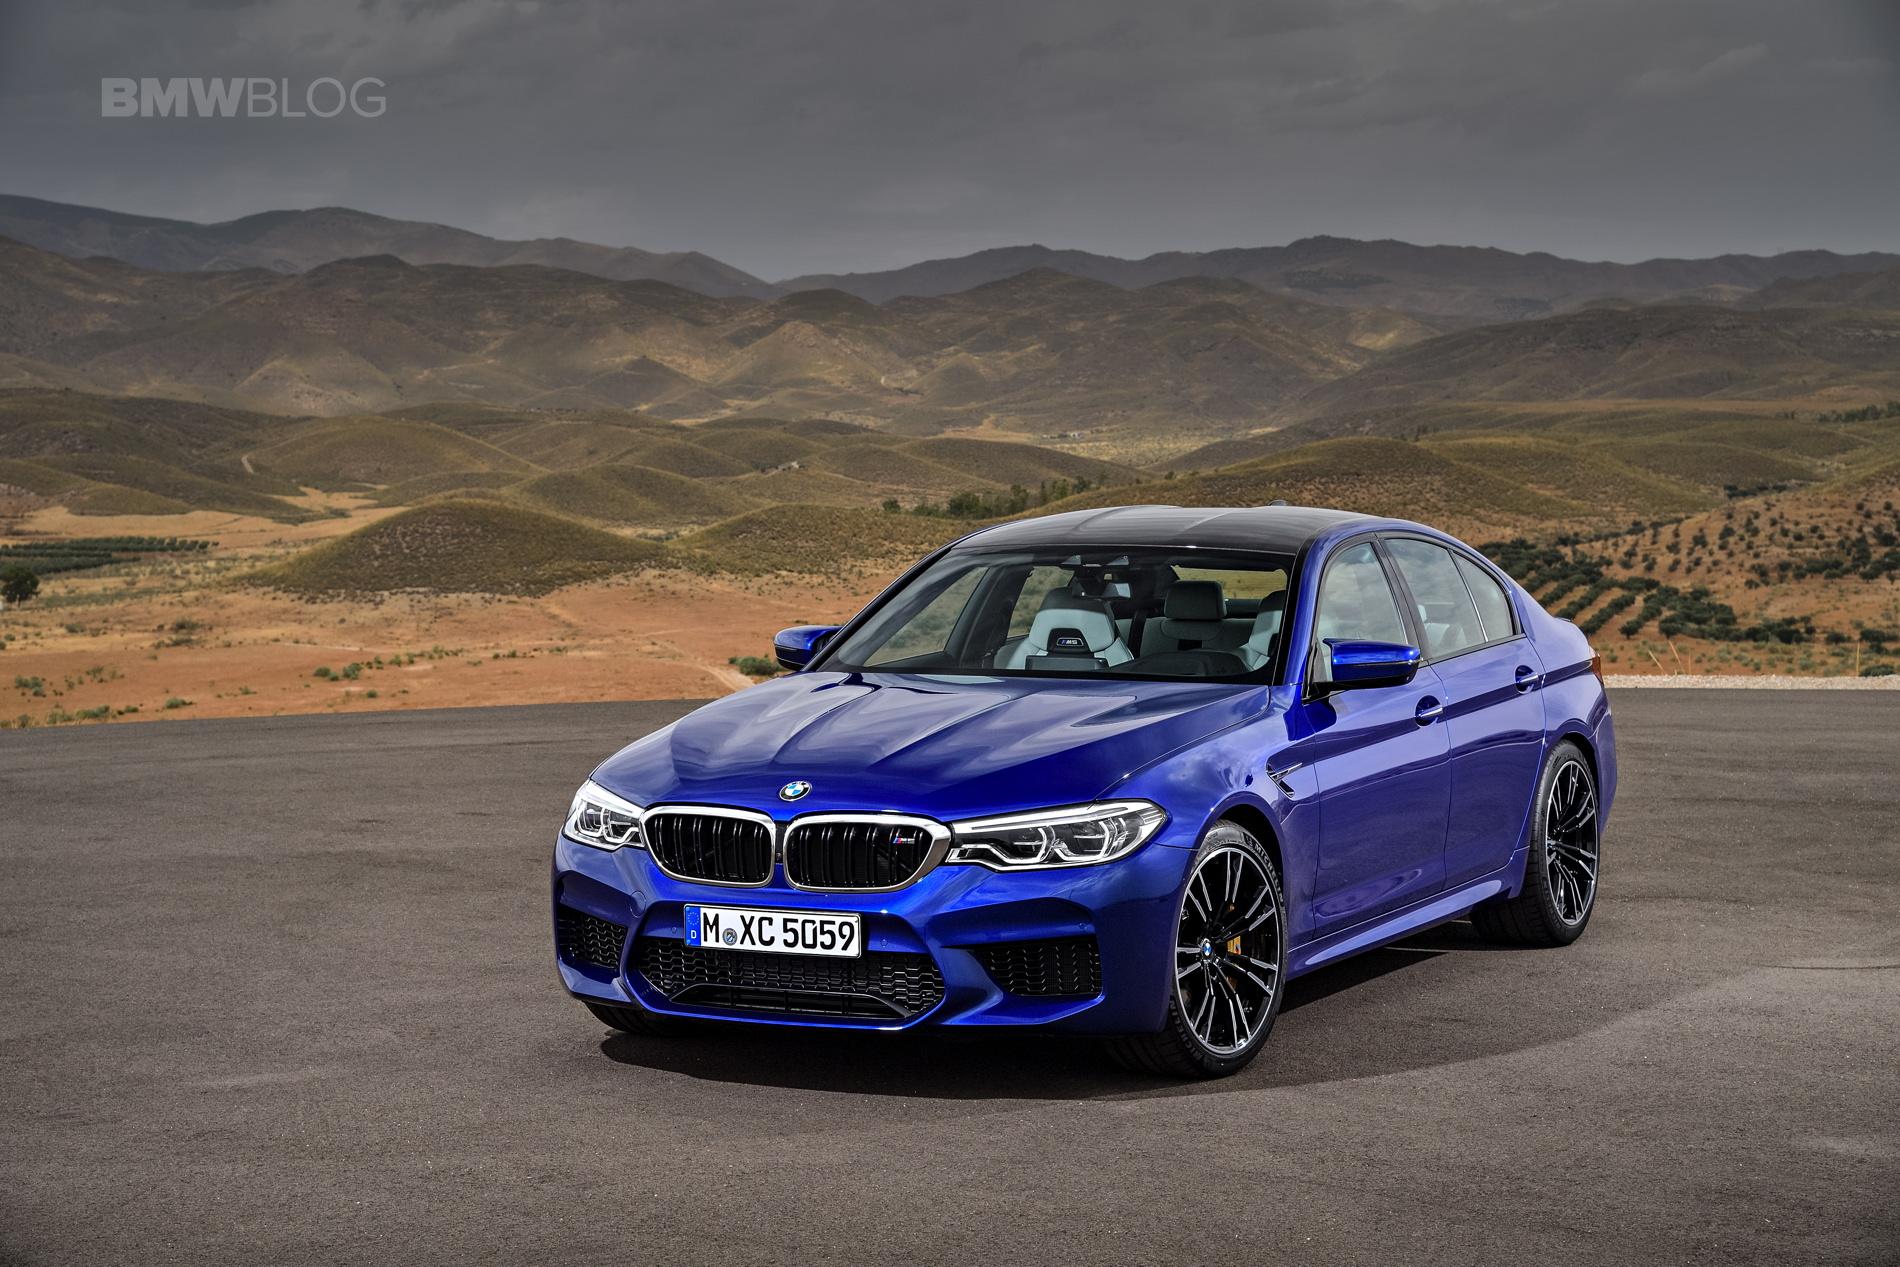 2018 BMW M5 exterior 21